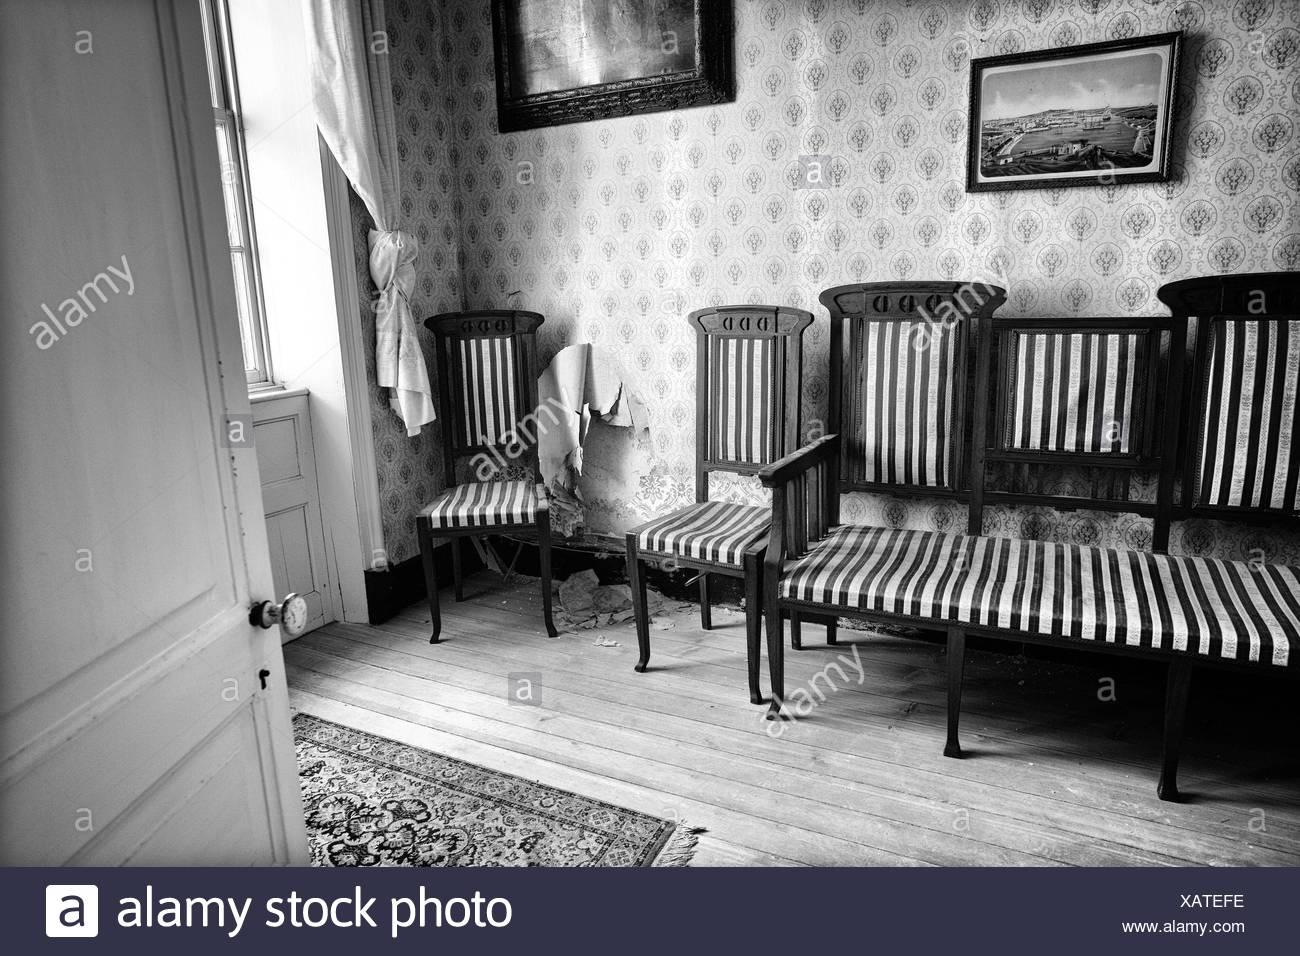 Stühle An Die Wand Hängen wohnzimmer mit einer vintage floral tapete in der wand zwei bilder